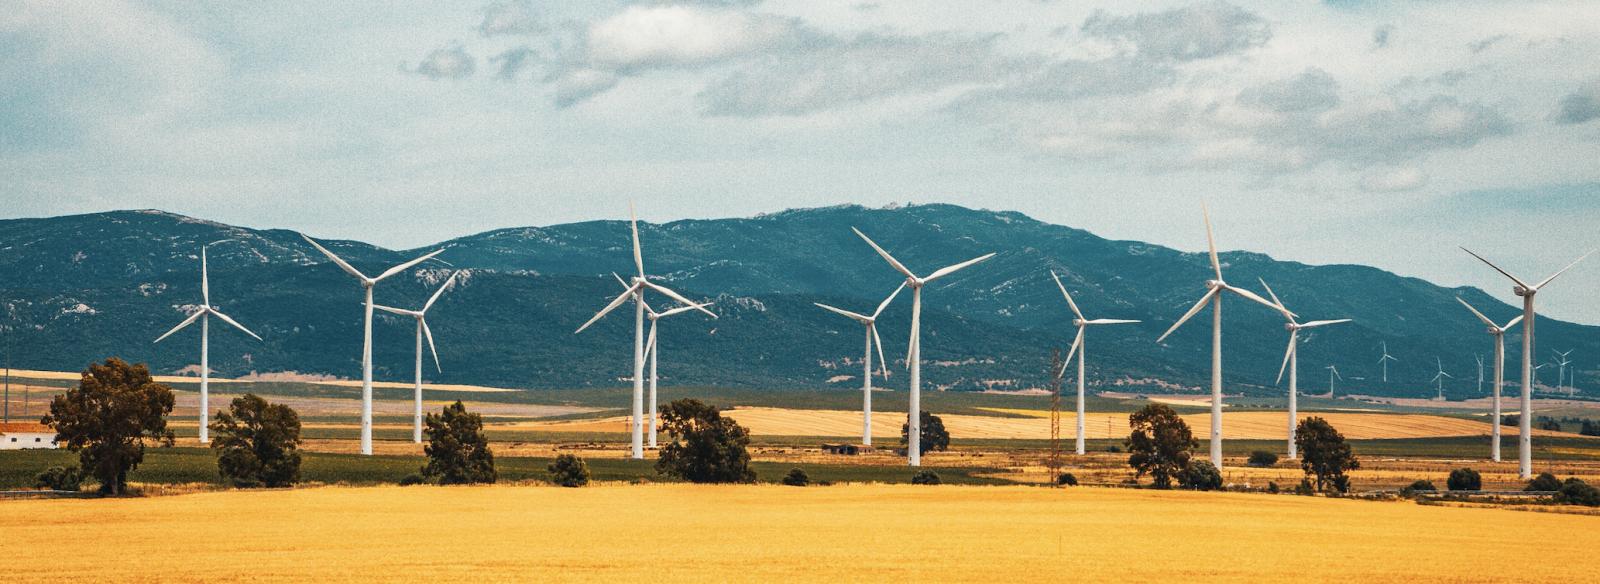 le renouvelable plus rentable que le charbon